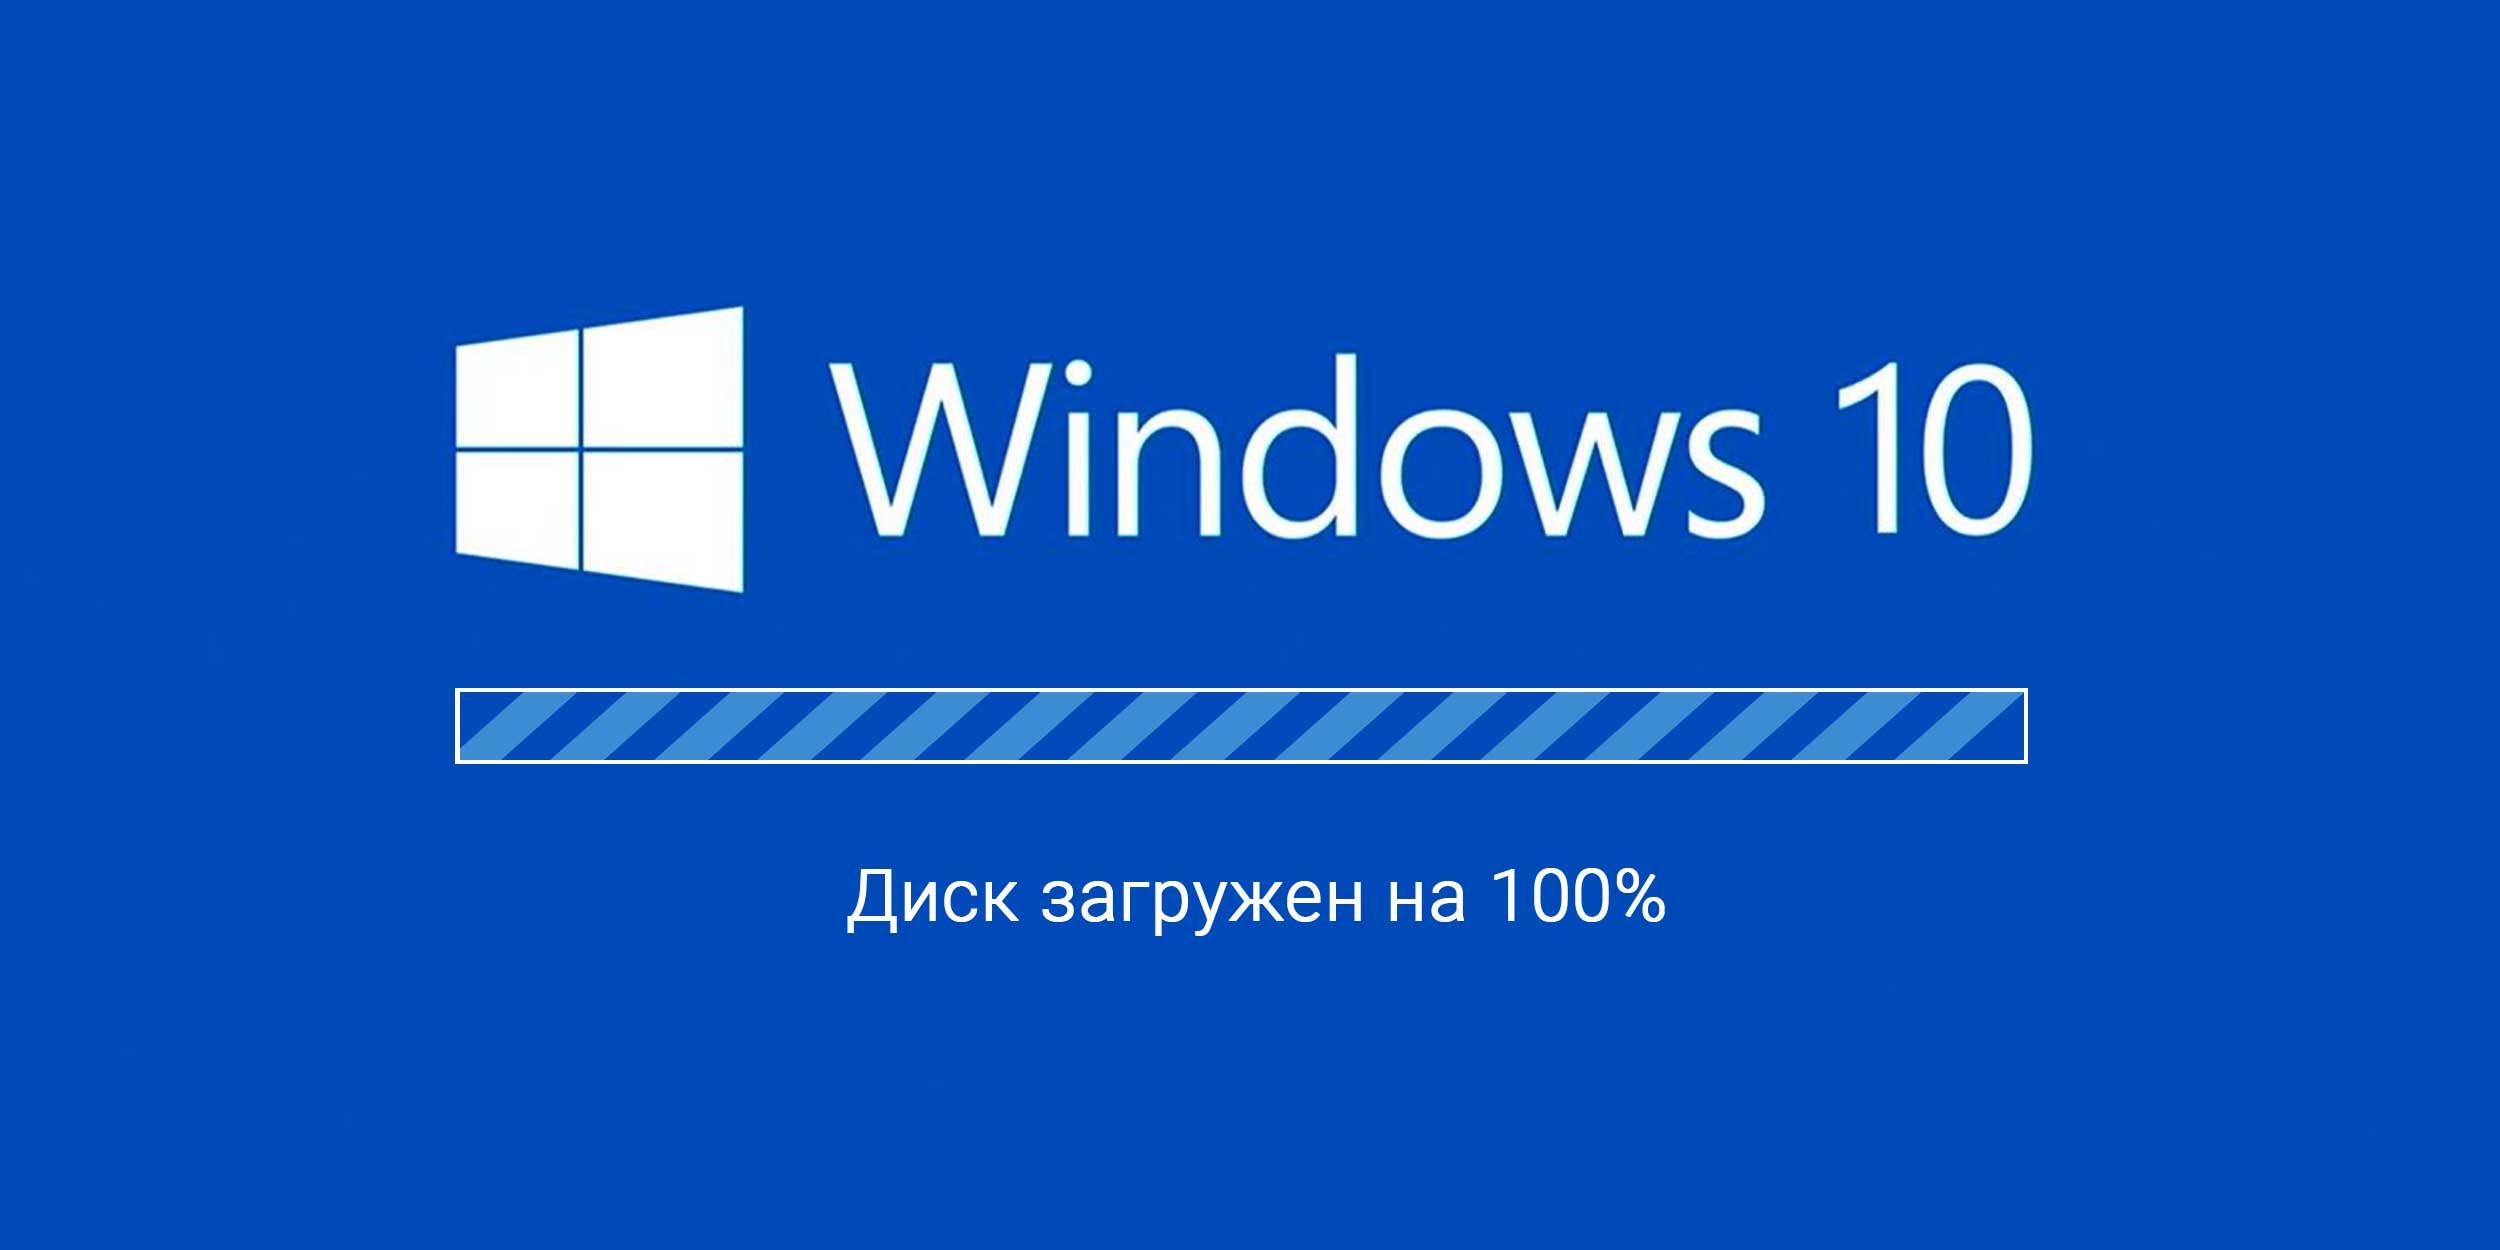 Как исправить 100% загруженность жесткого диска в Windows 10, используя 14 разных способов